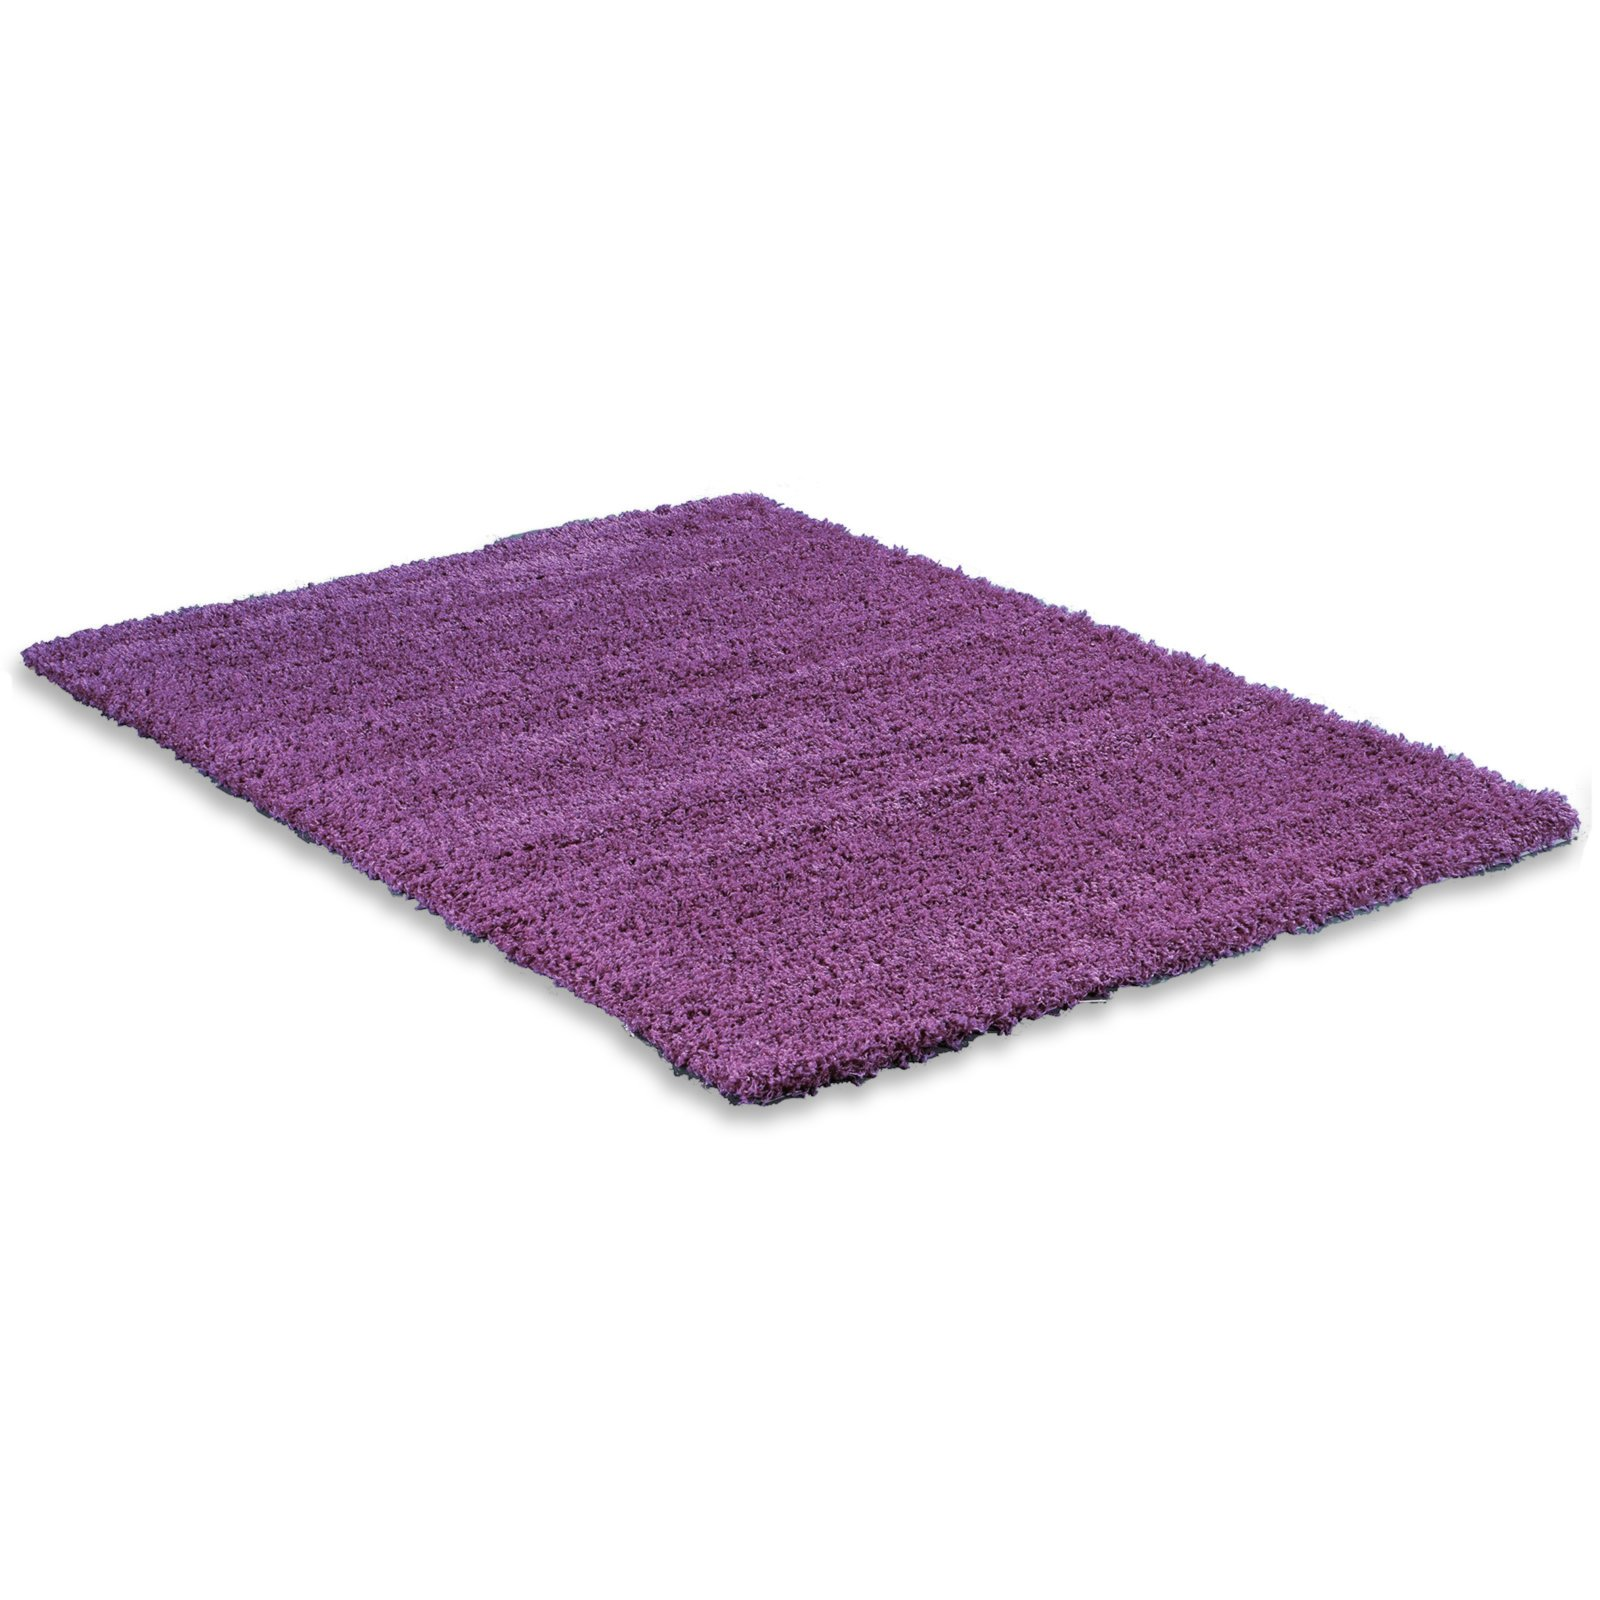 Hochflor Teppich Lila 120x170 Cm Online Bei Roller Kaufen